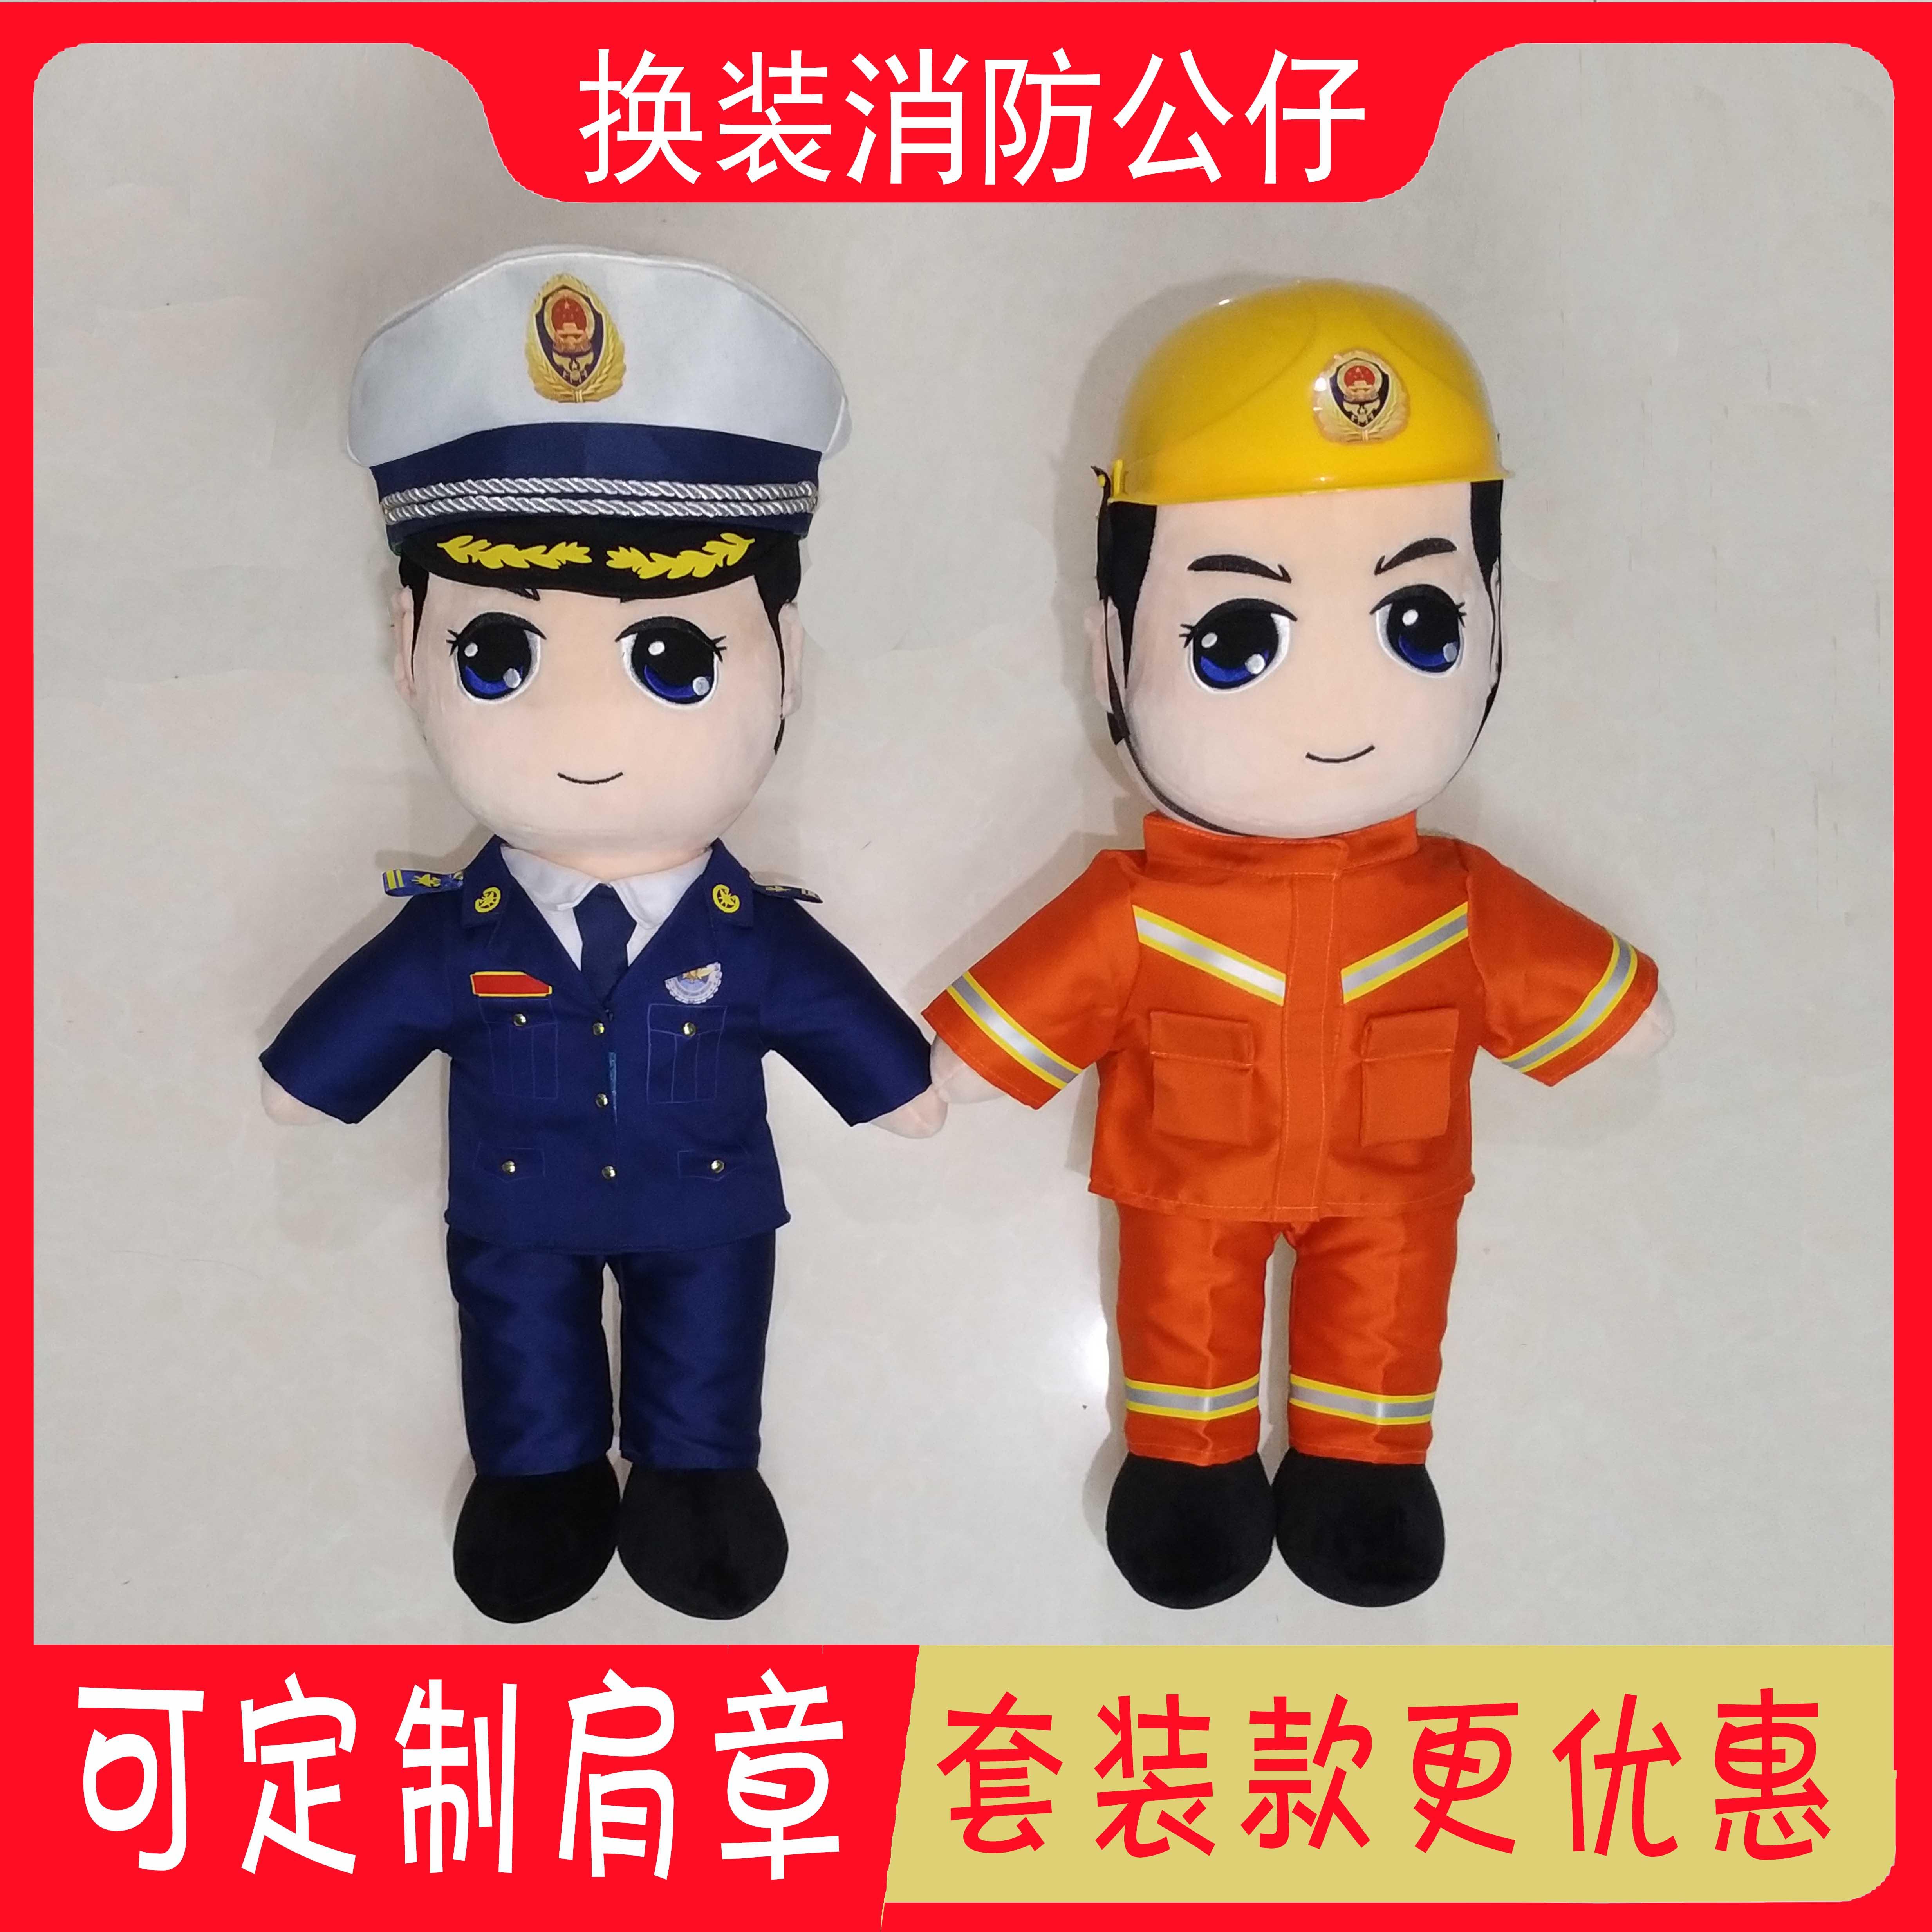 消防员布娃娃 玩偶火焰蓝毛绒公仔 消防娃娃军恋生日礼物军人娃娃